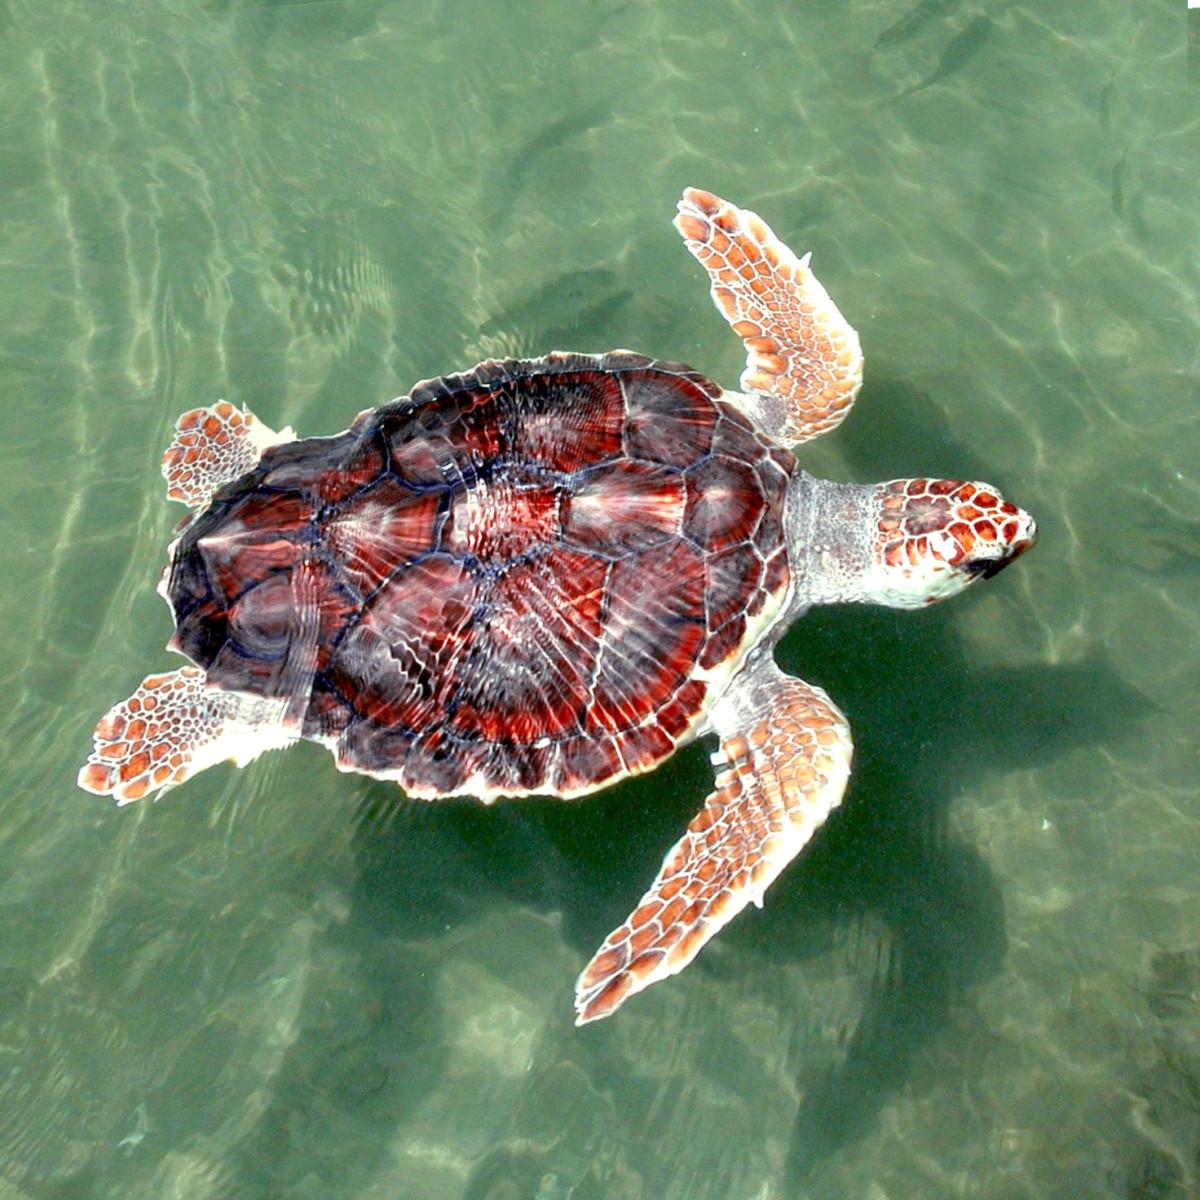 A young loggerhead sea turtle (Caretta caretta) photographed near Panama City, Florida.